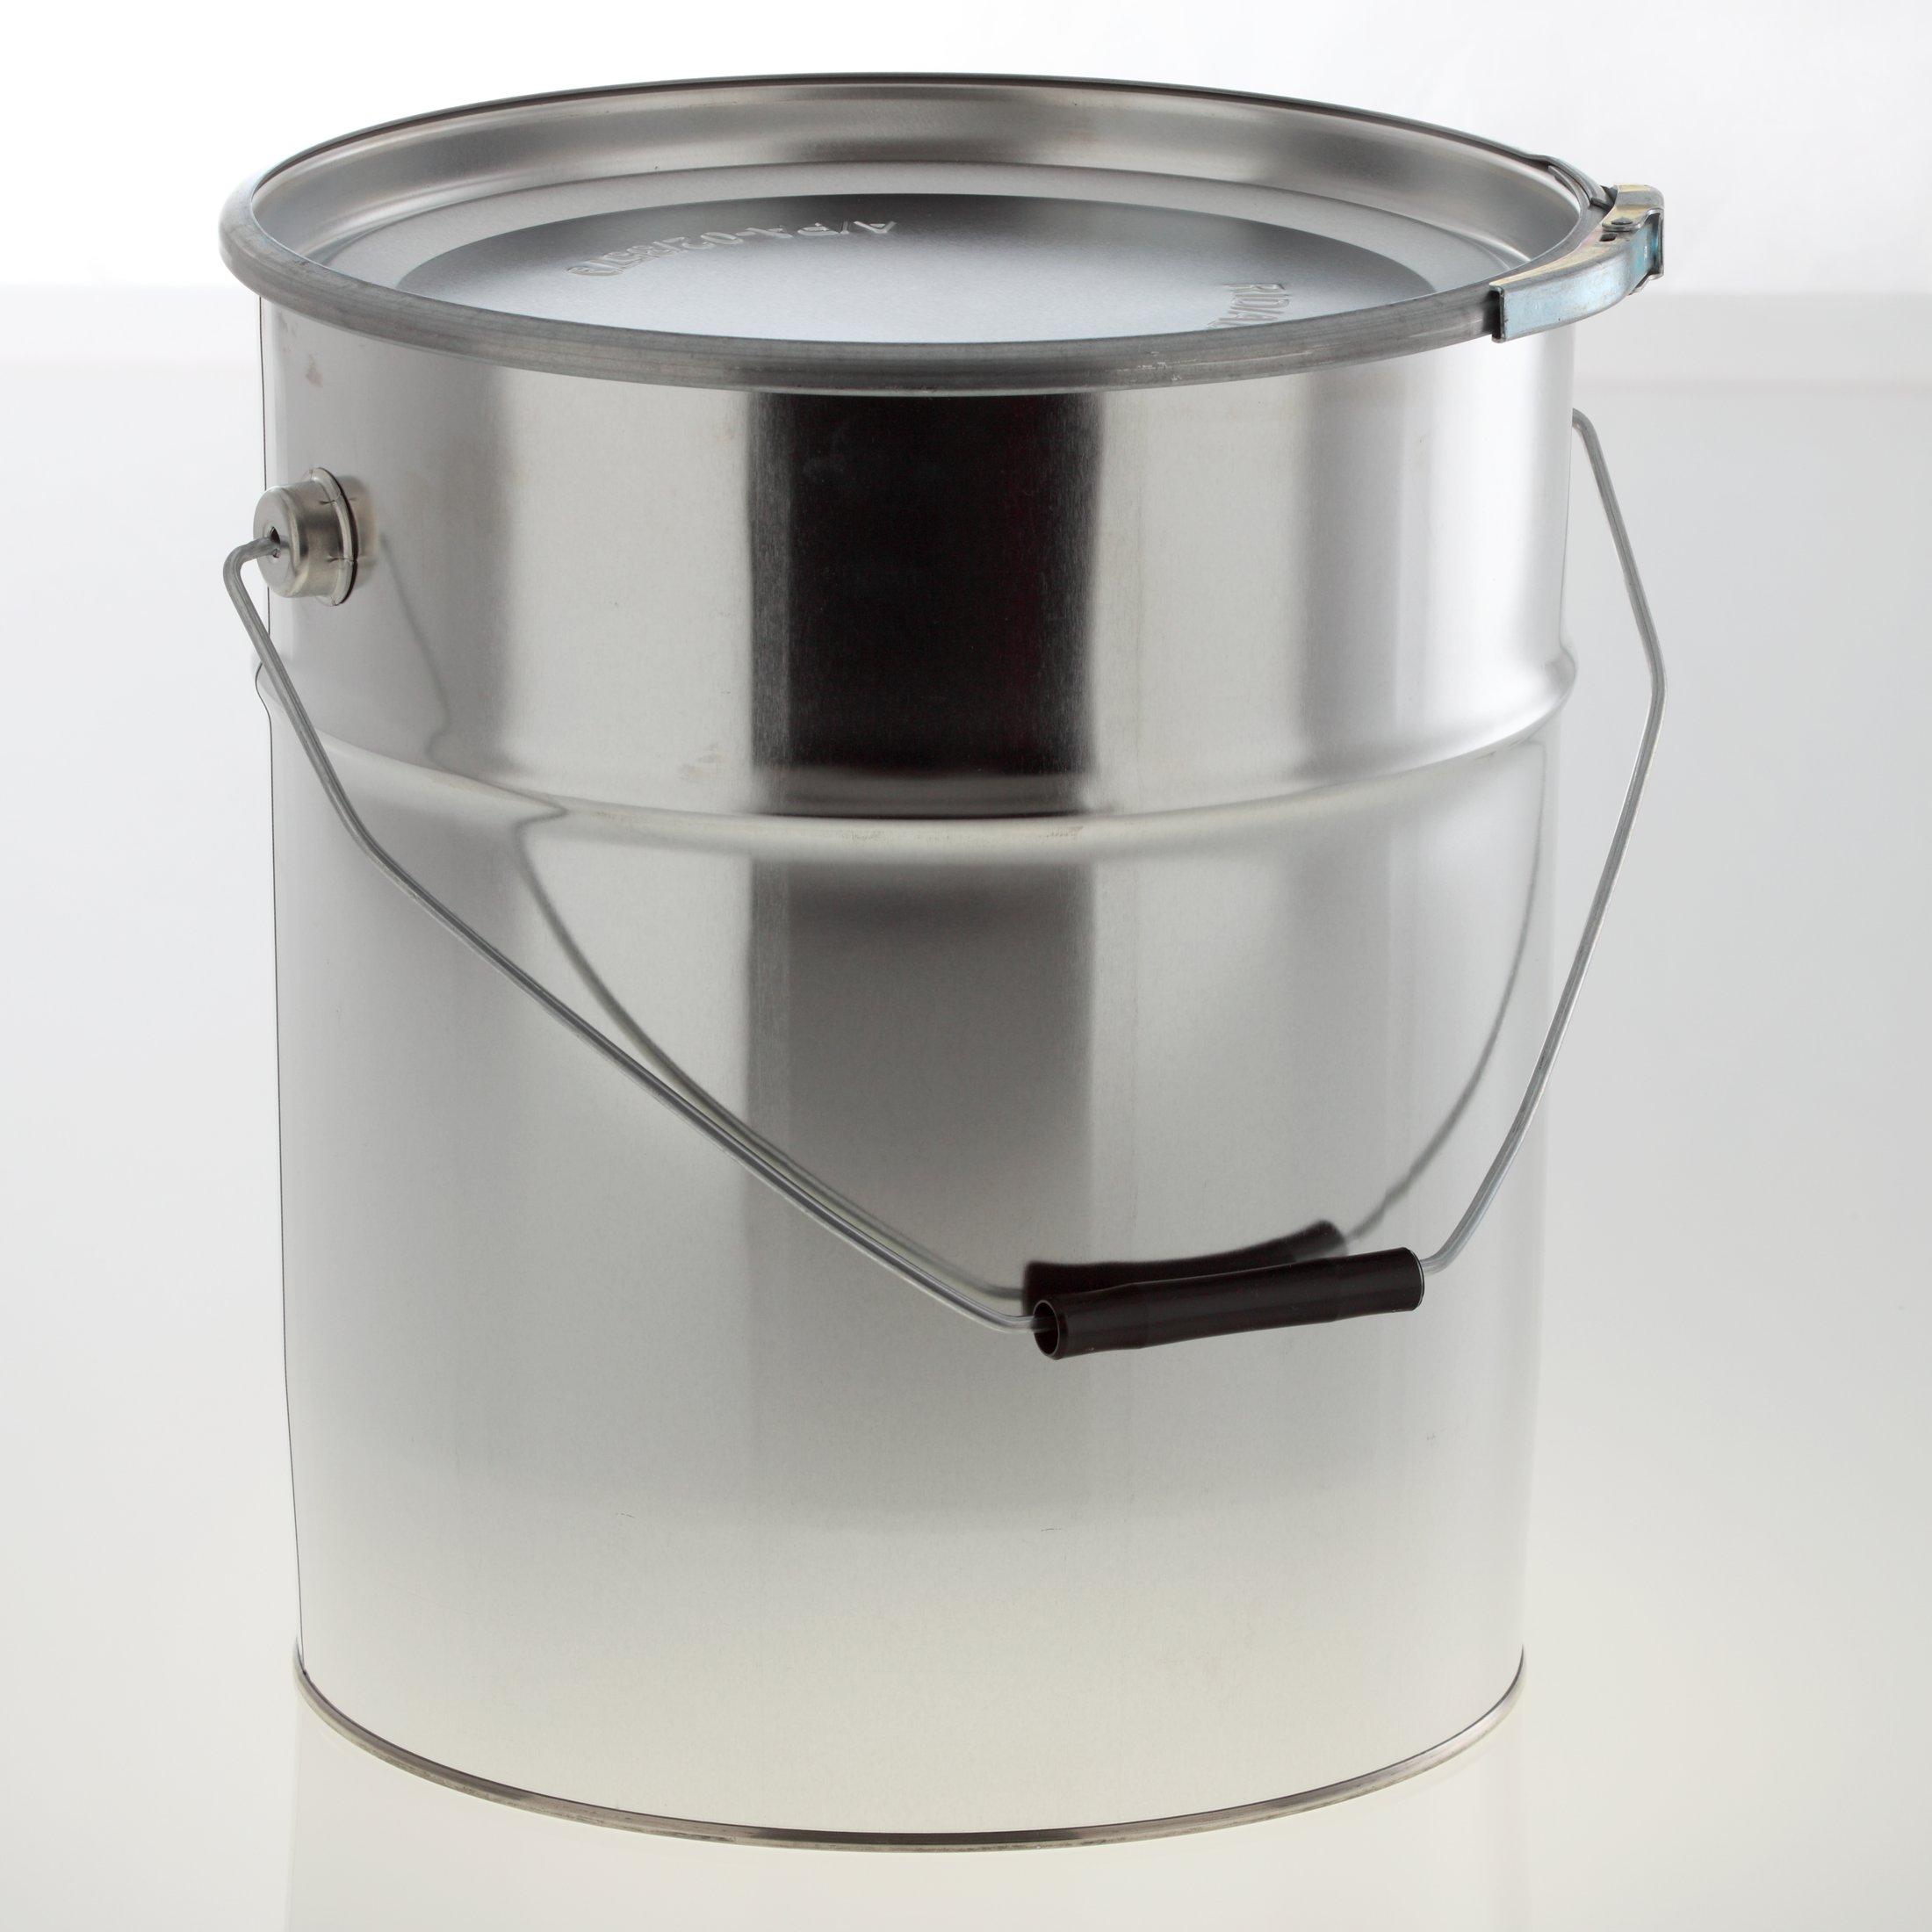 !ABVERKAUF! Metalleimer konisch 17 Liter UN